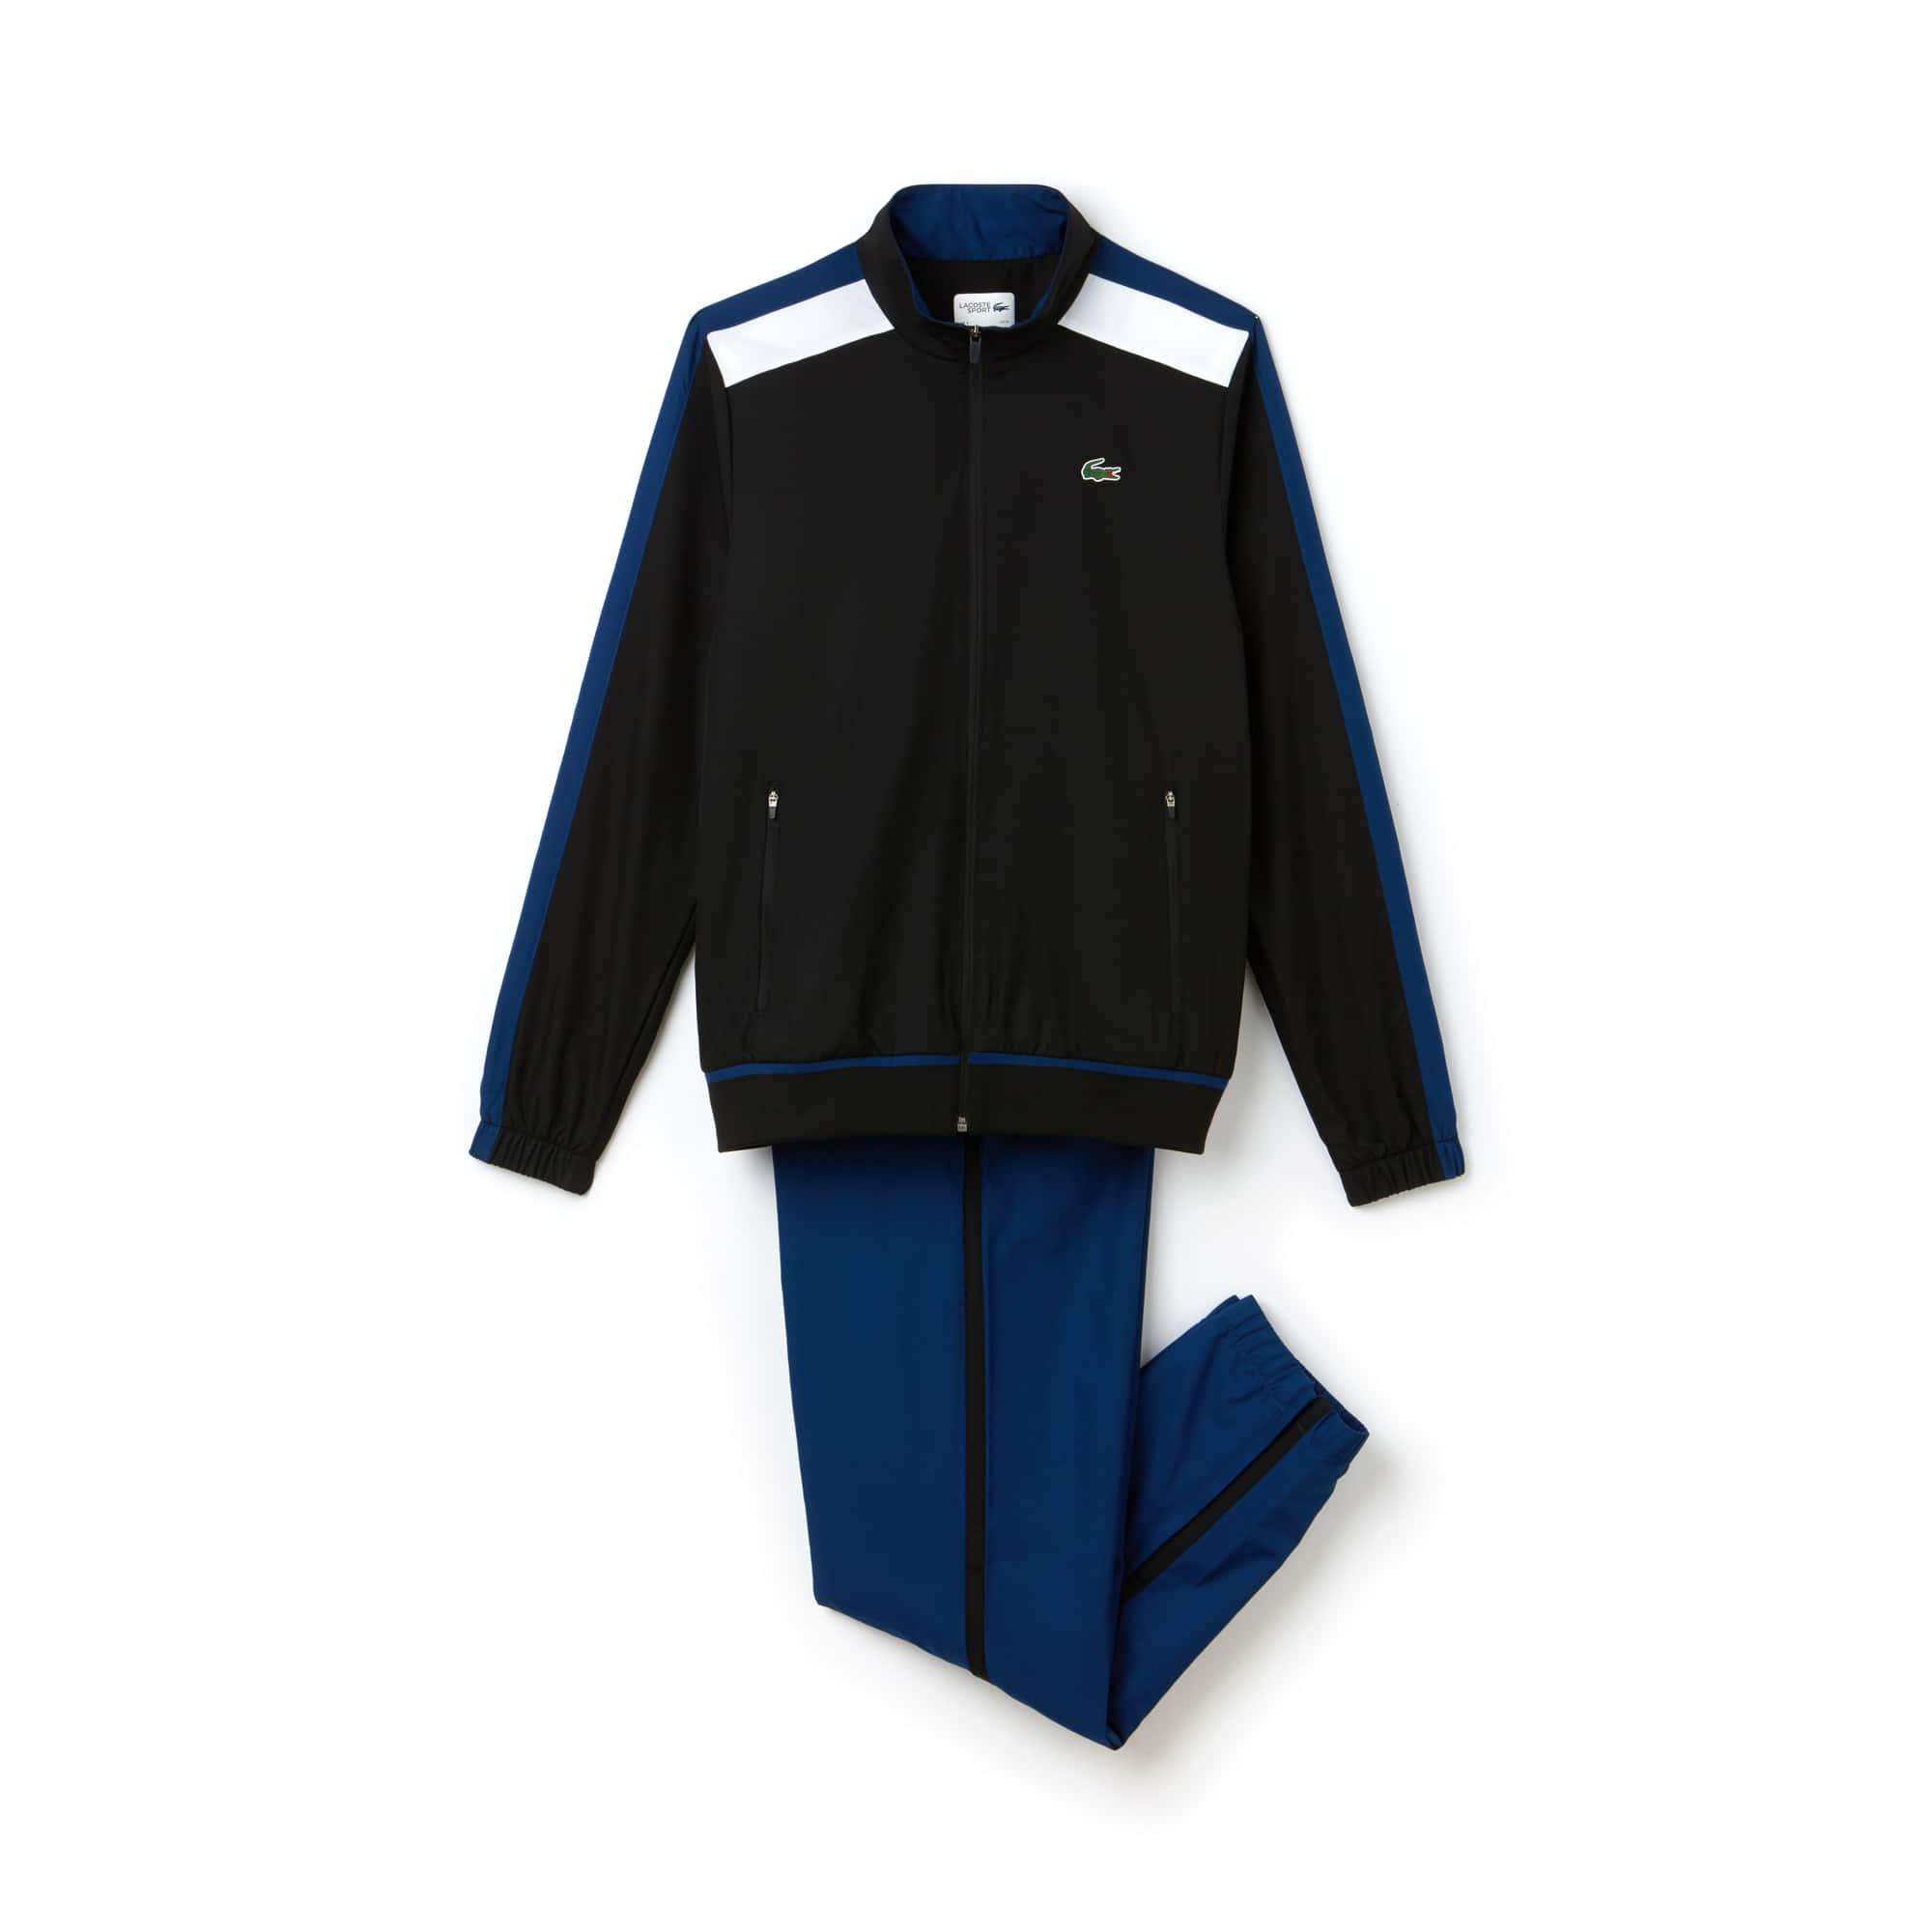 Herren LACOSTE SPORT Taft-Trainingsanzug mit farbigen Streifen